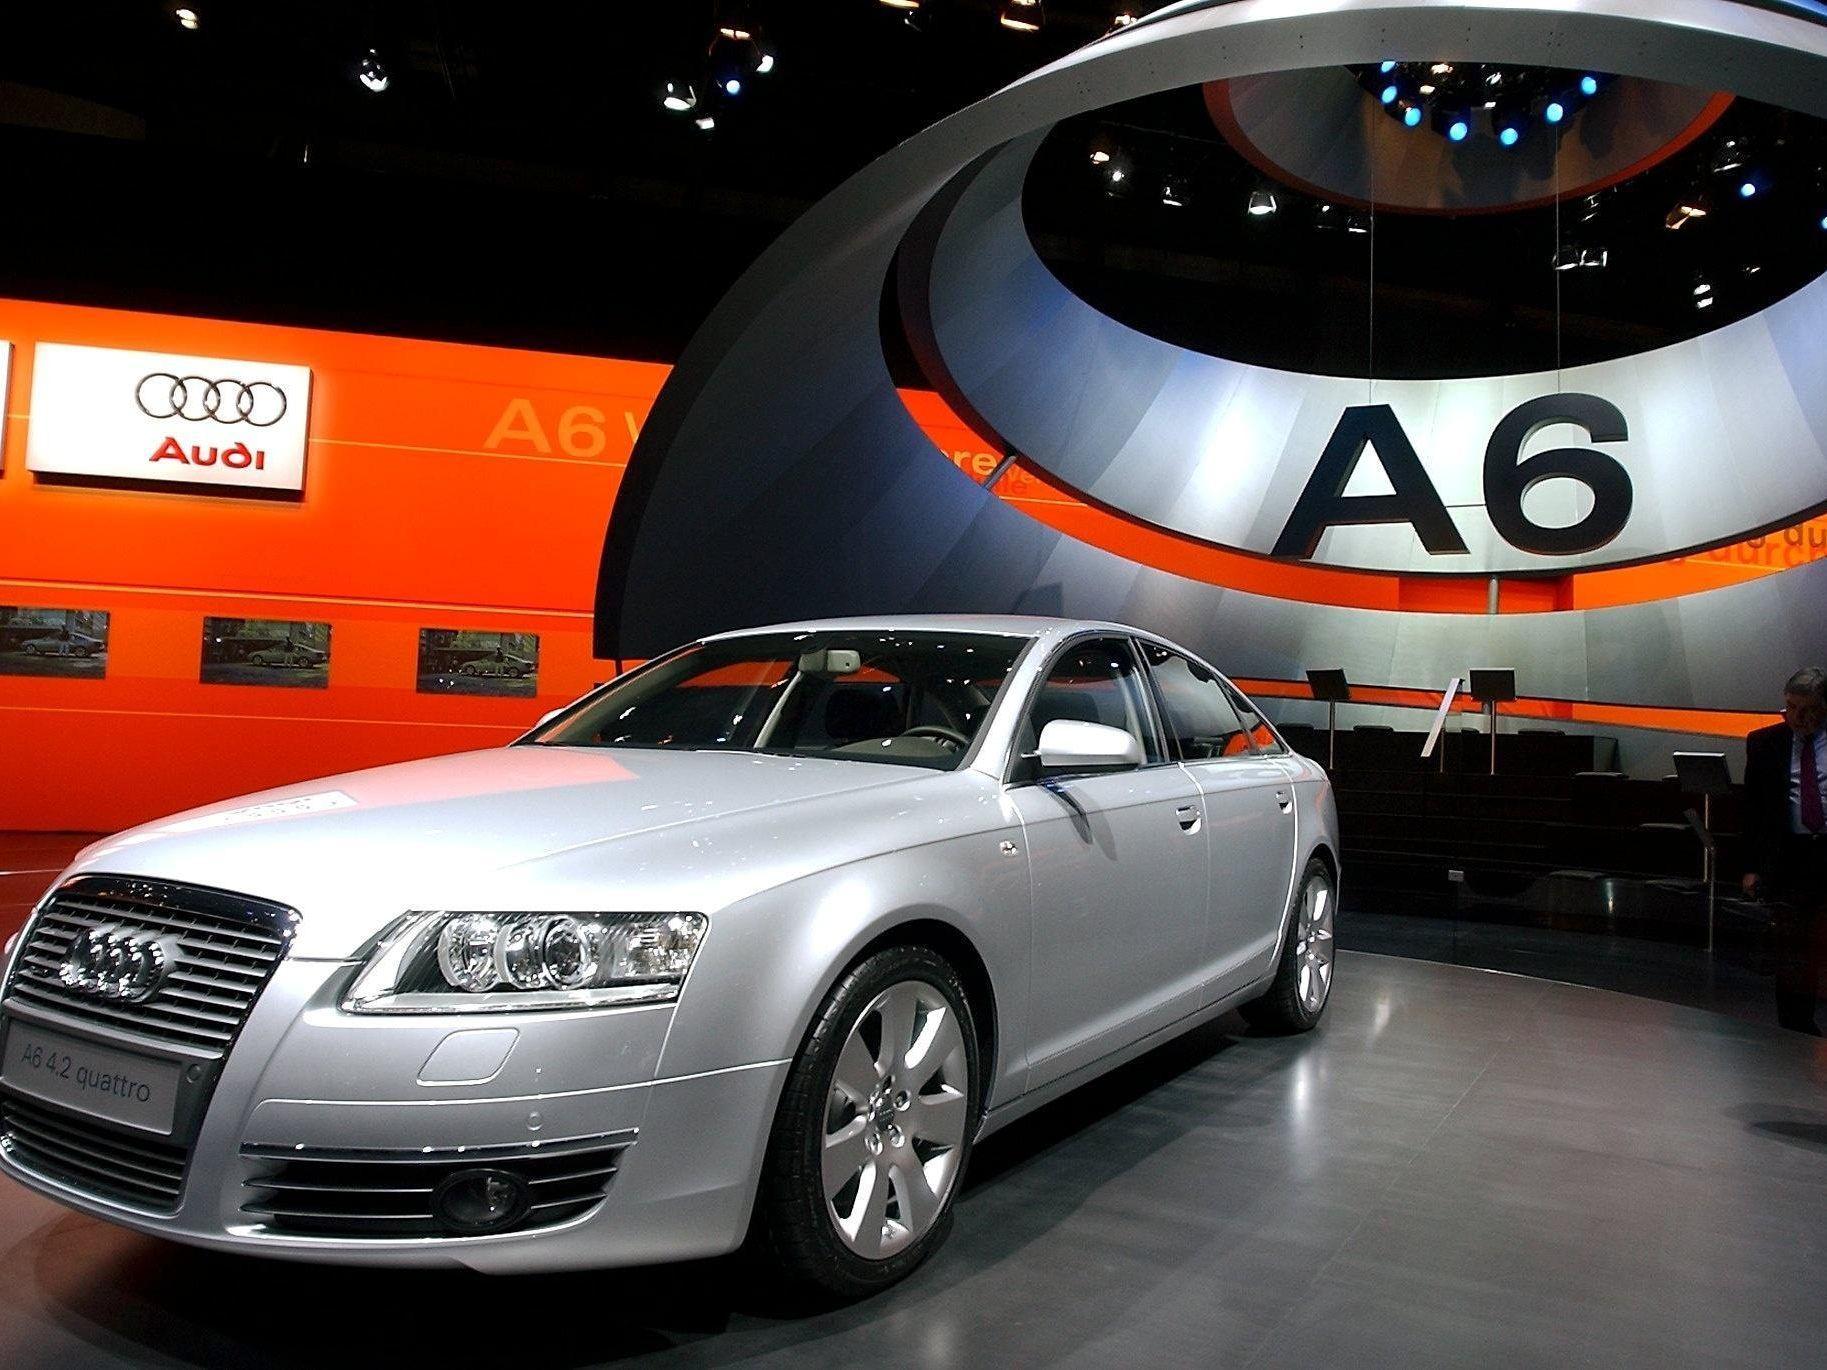 Rückruf von 60.000 Diesel-Audis angeordnet